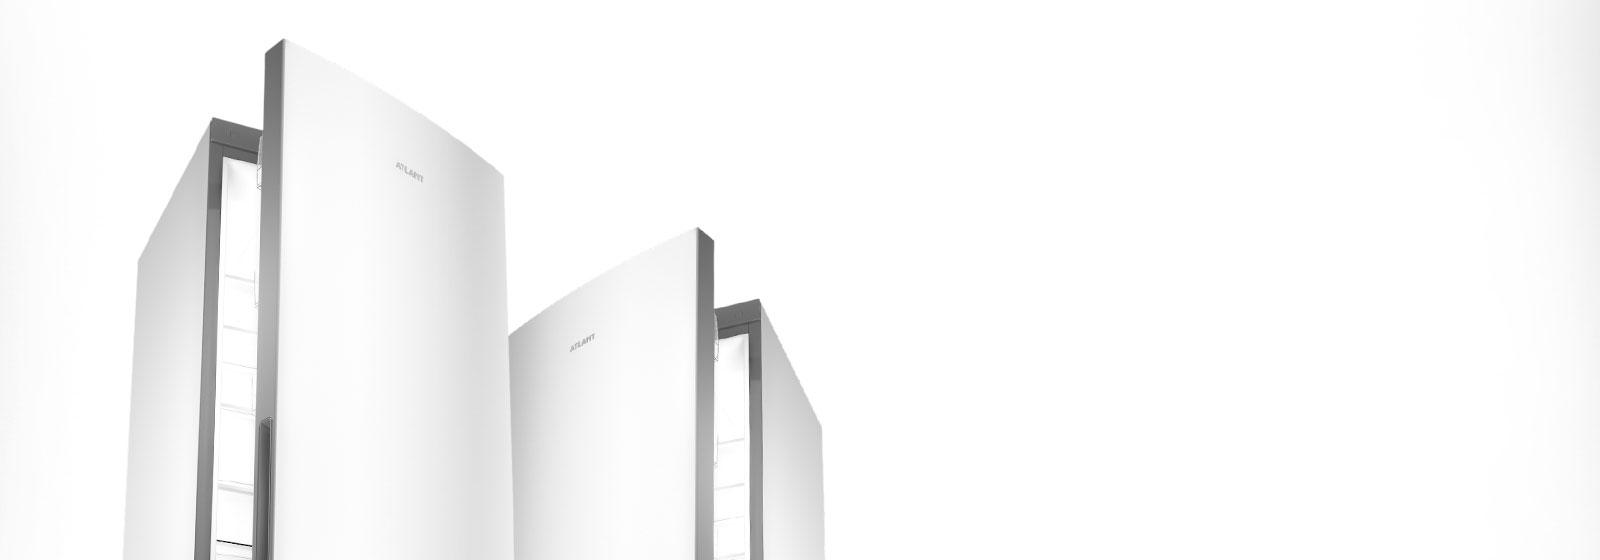 46 серия холодильников Атлант